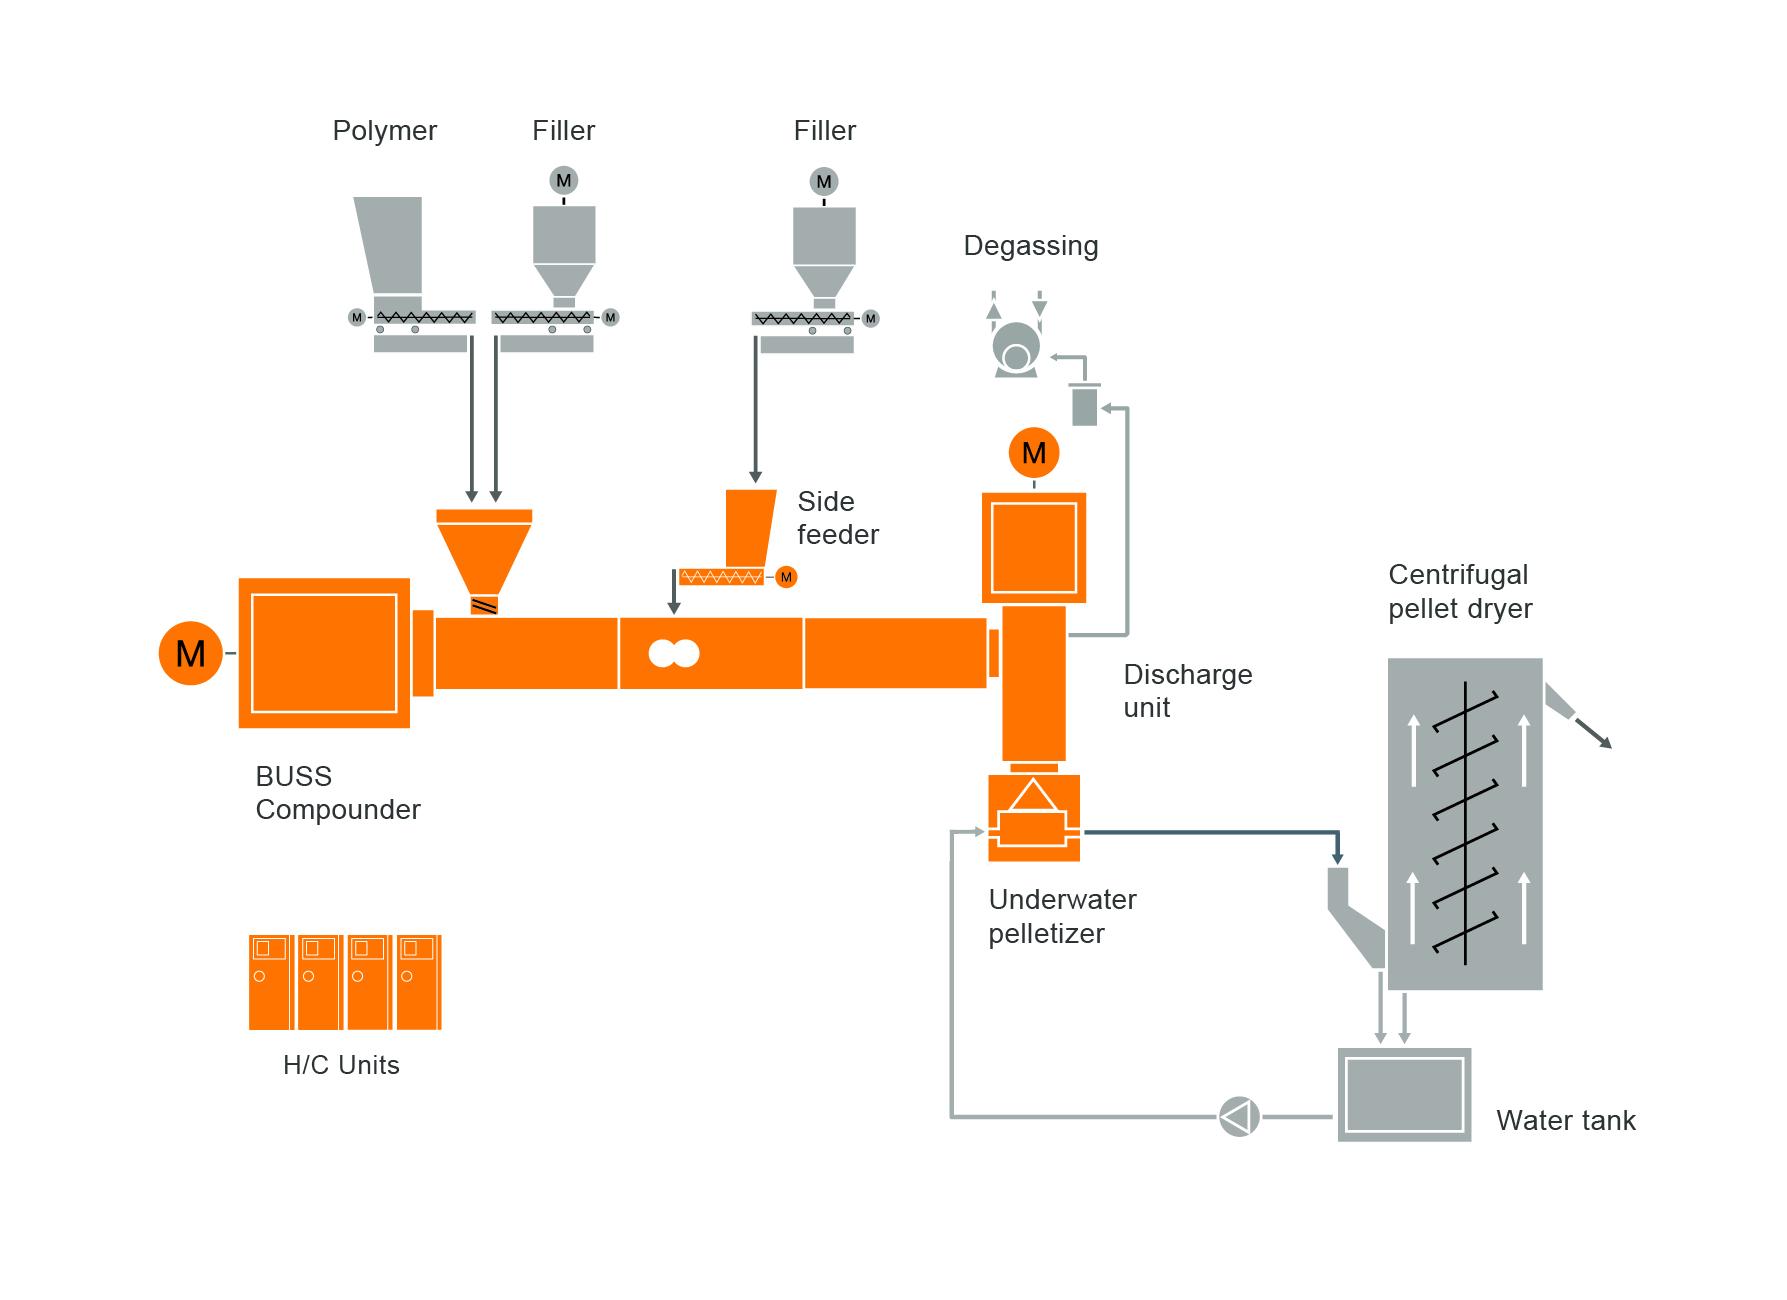 Diseño típico de una instalación para una máquina de preparación de compuestos de bioplástico